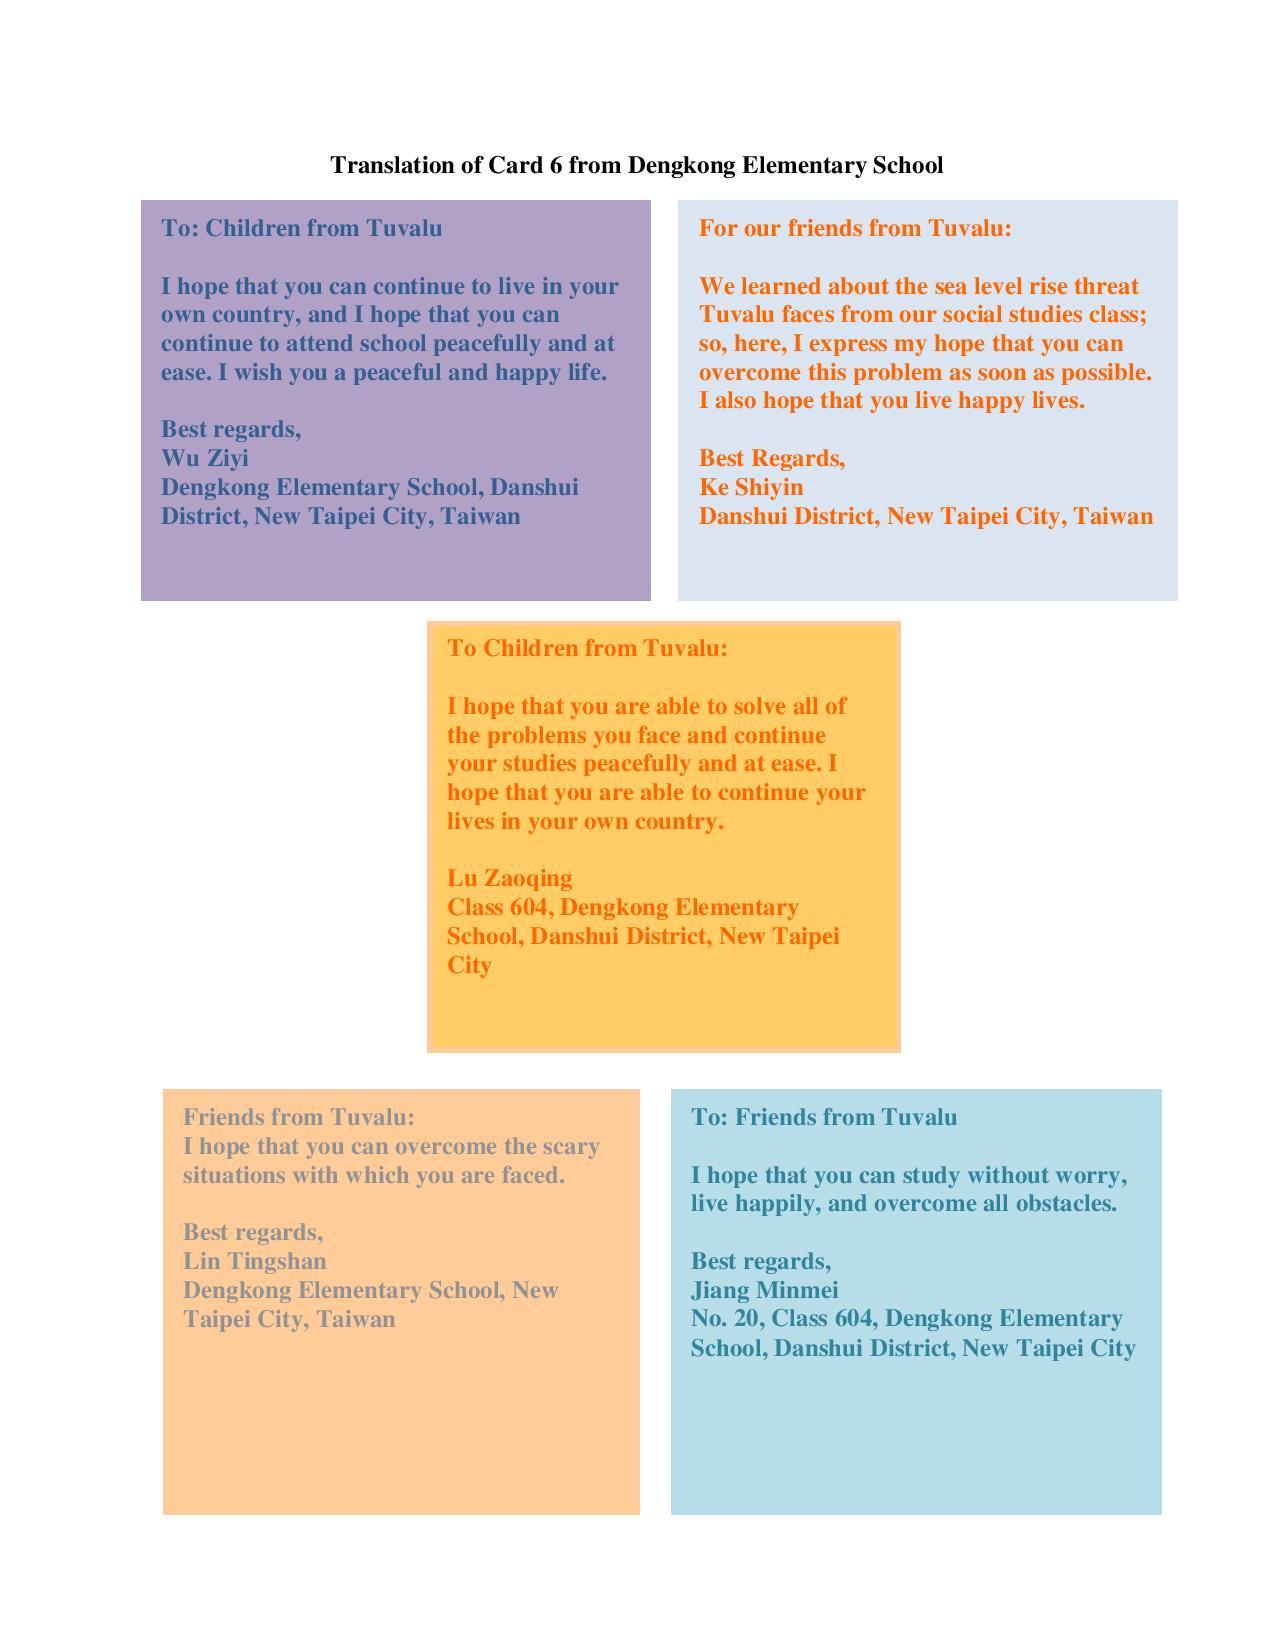 鄧公翻譯2015 0601st Translations of Cards from Dengkong Elementary School-page-005.jpg